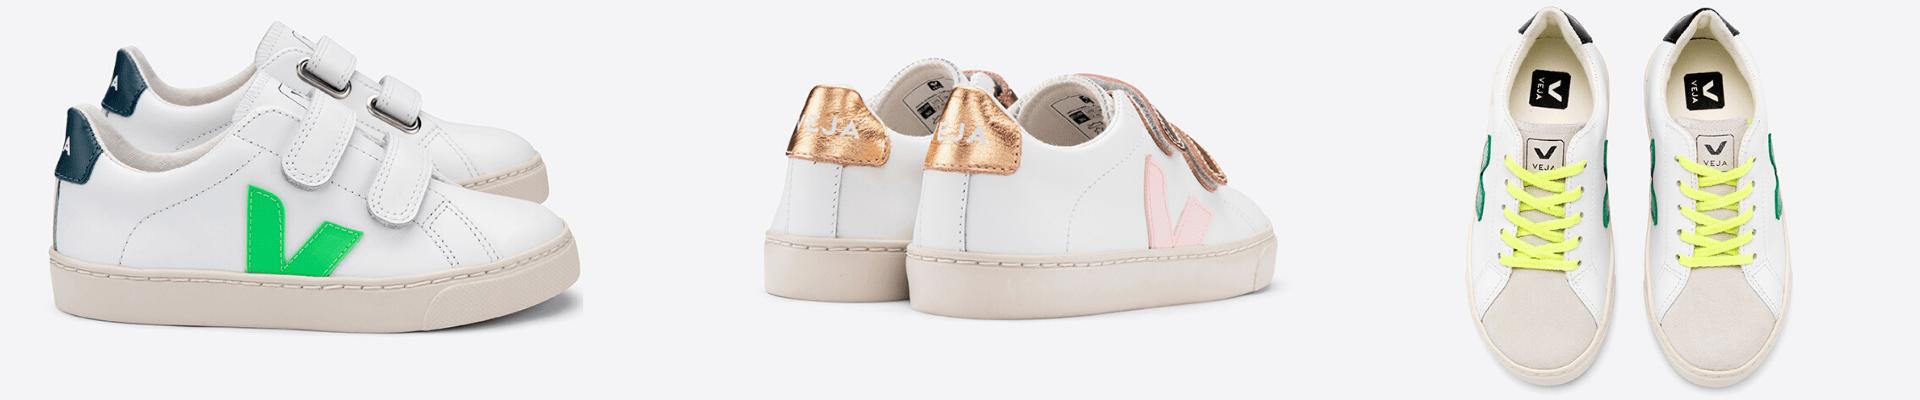 Sneakers pour enfants Veja